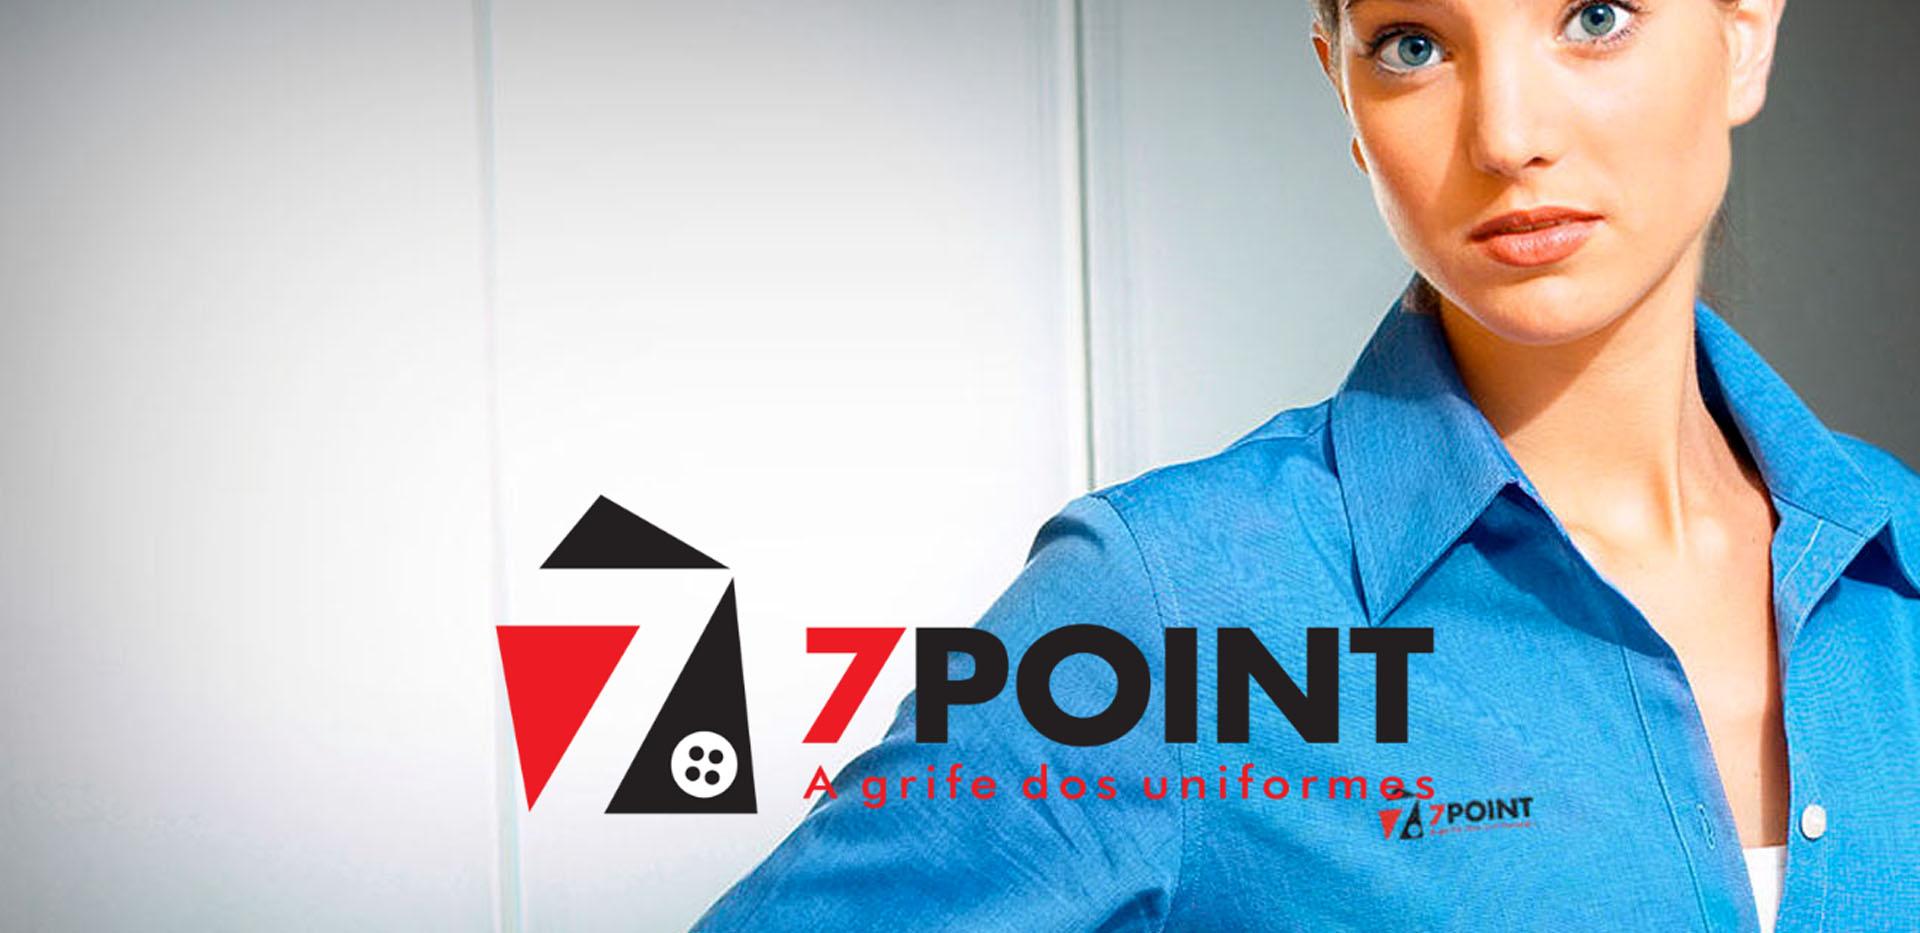 7point